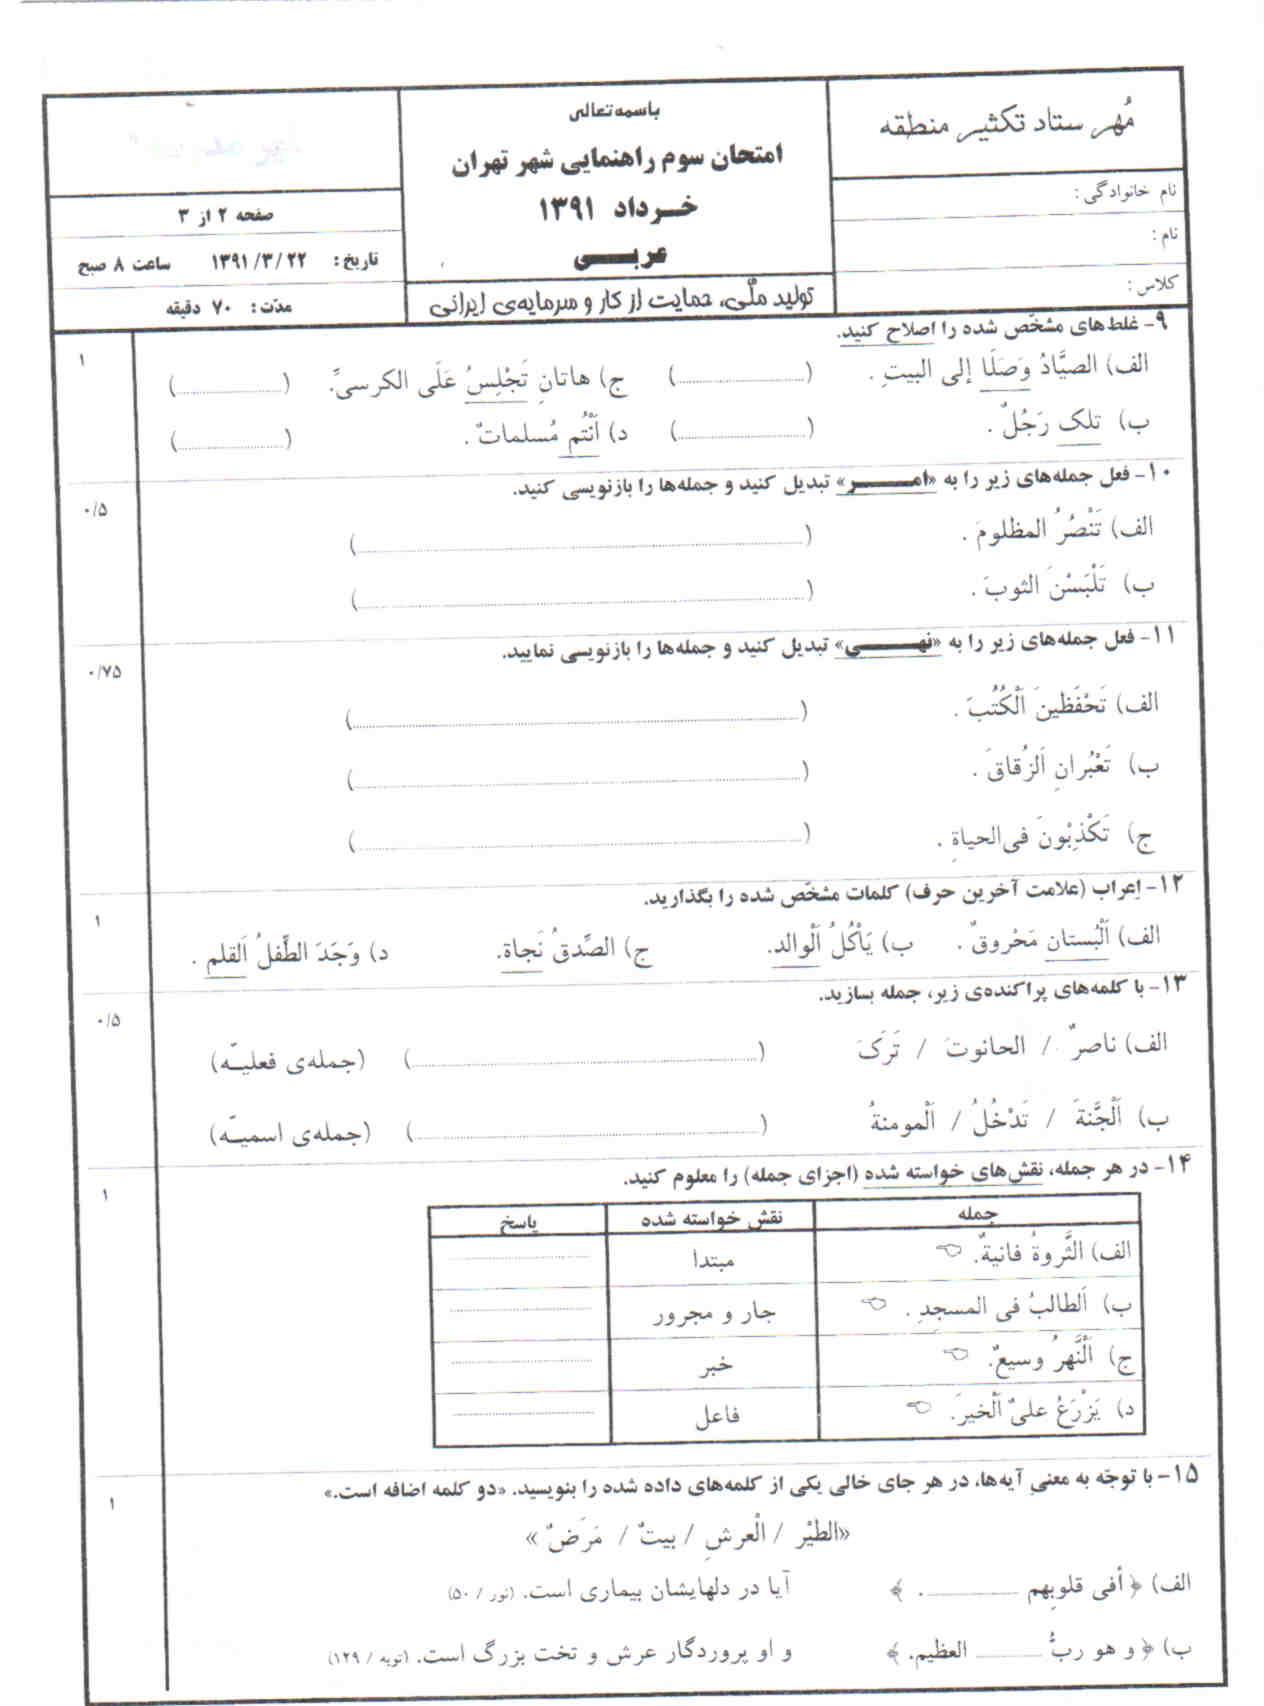 آموزش درس عربی - سوالات امتحان نهایی پایه سوم راهنمایی خرداد 91موضوع: نمونه سوال پایه سوم راهنمایی،